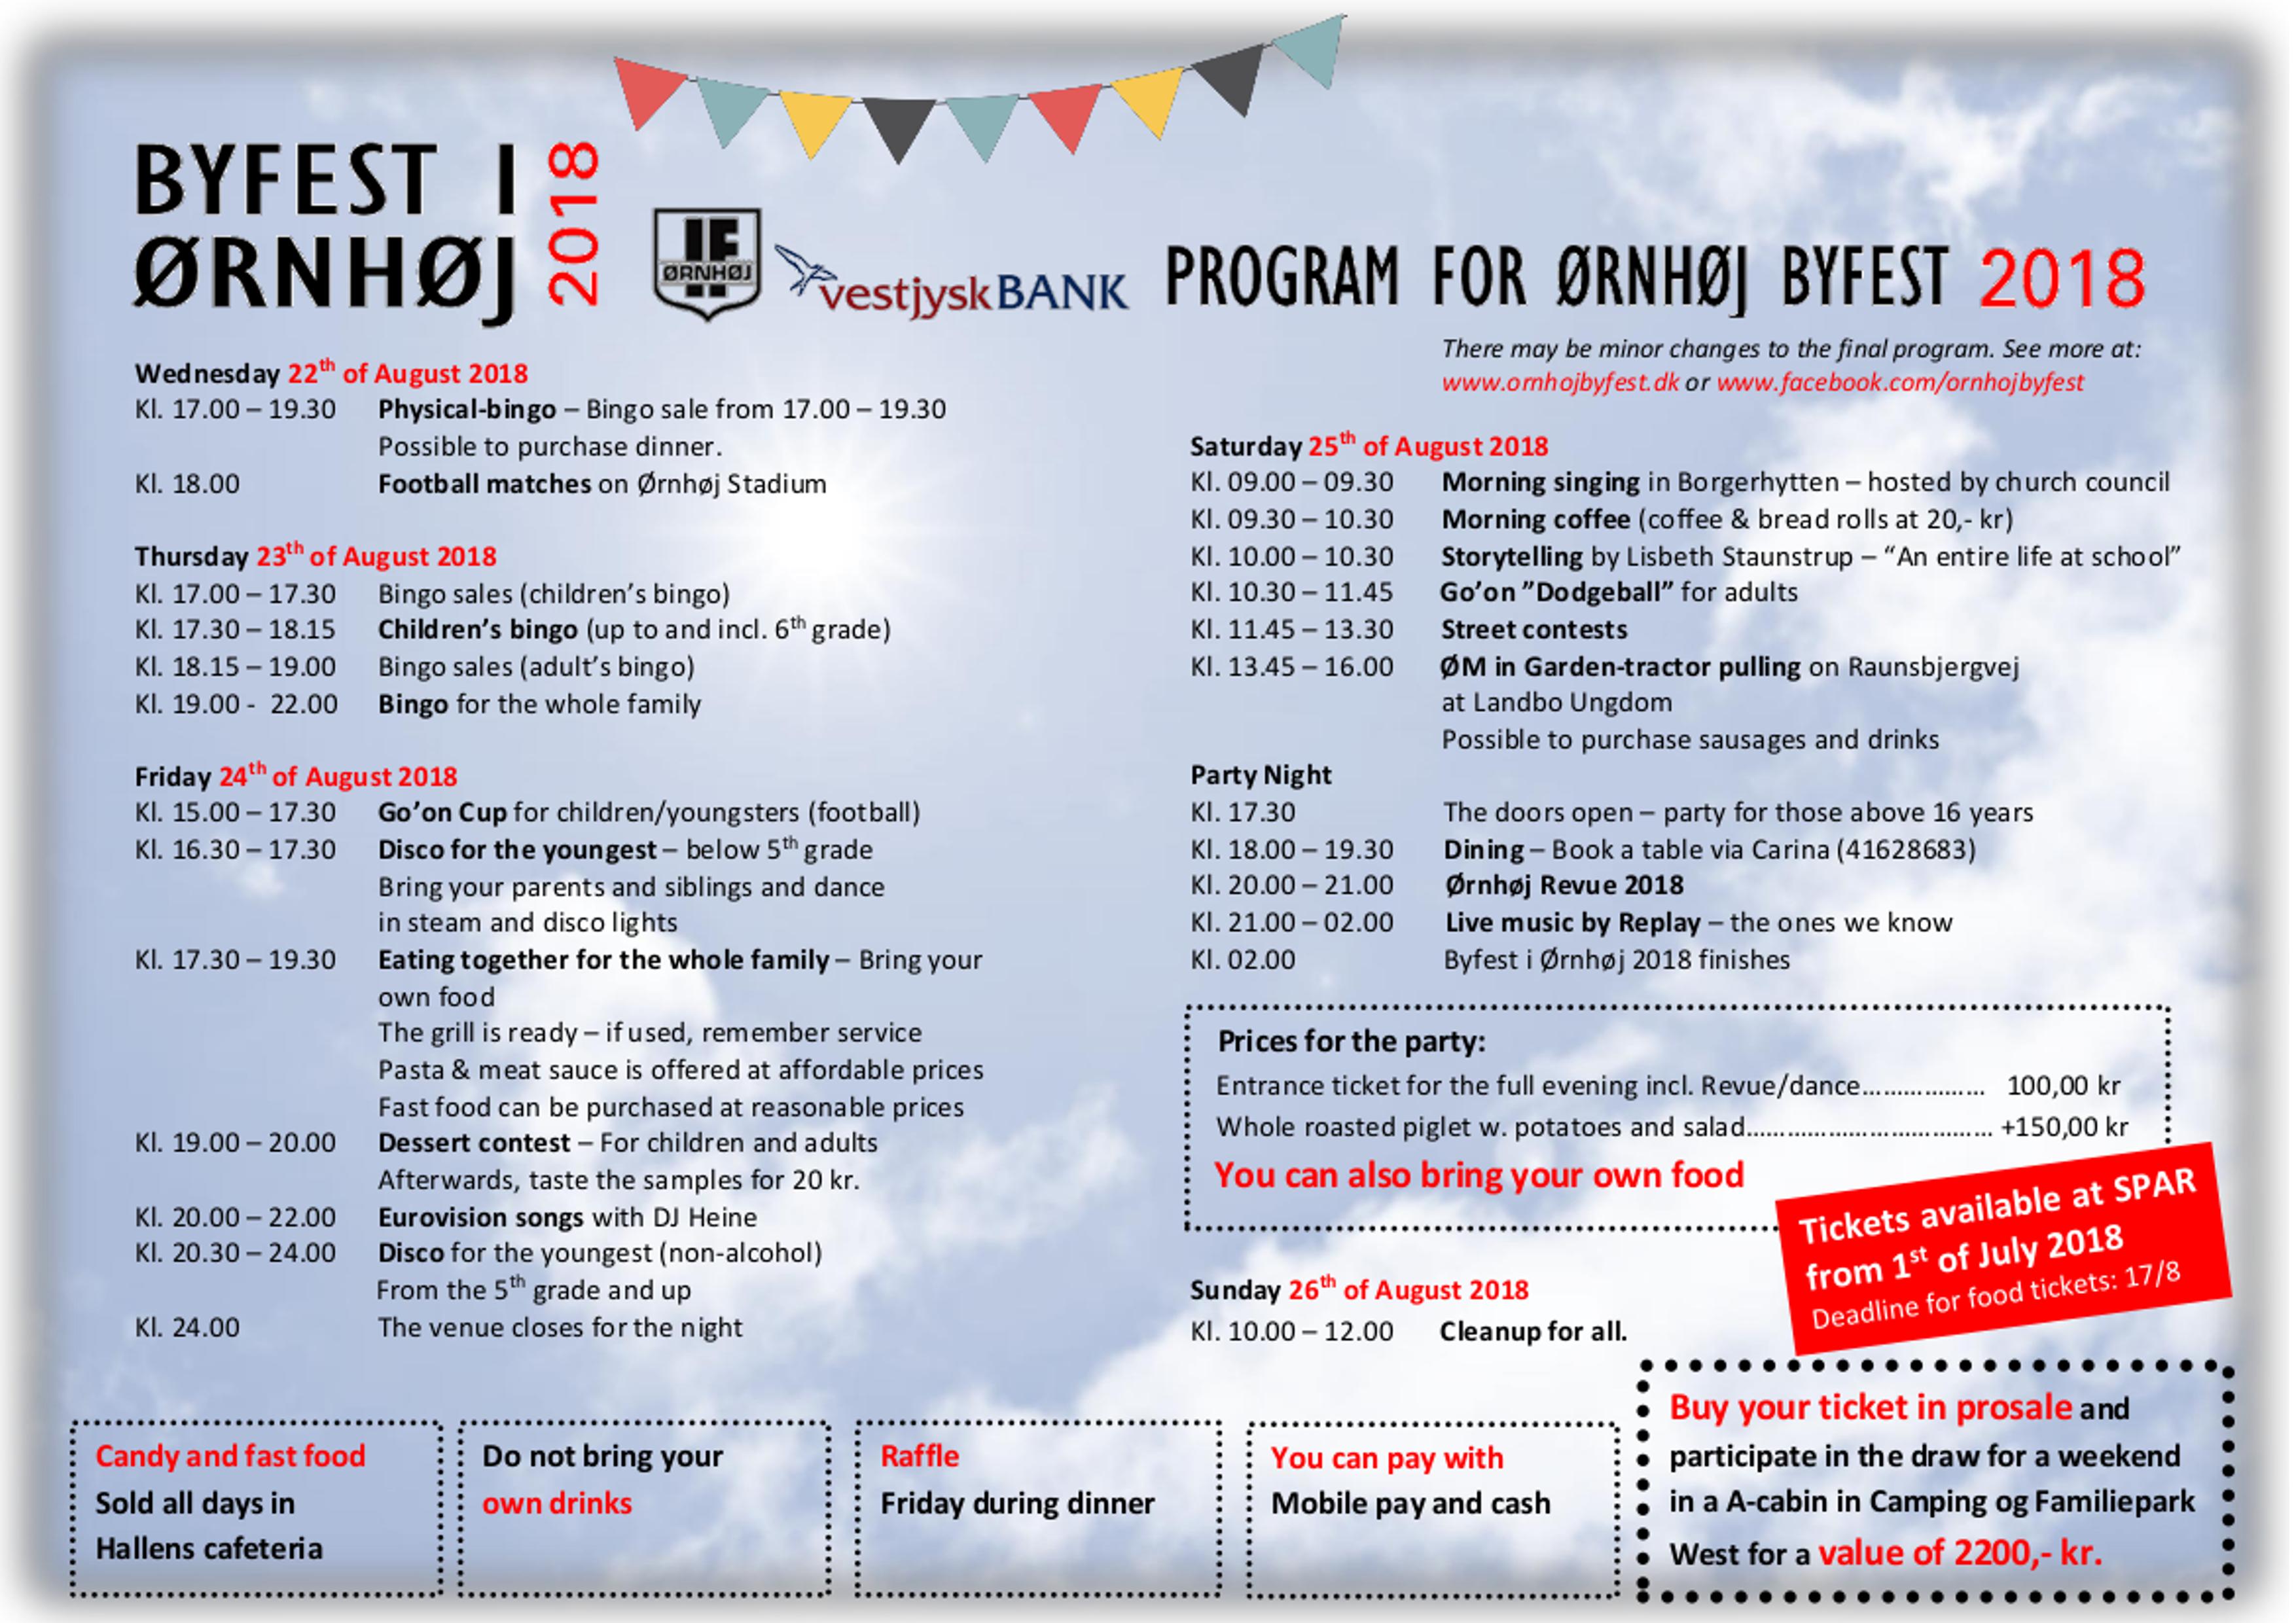 Byfest program 2018 engelsk